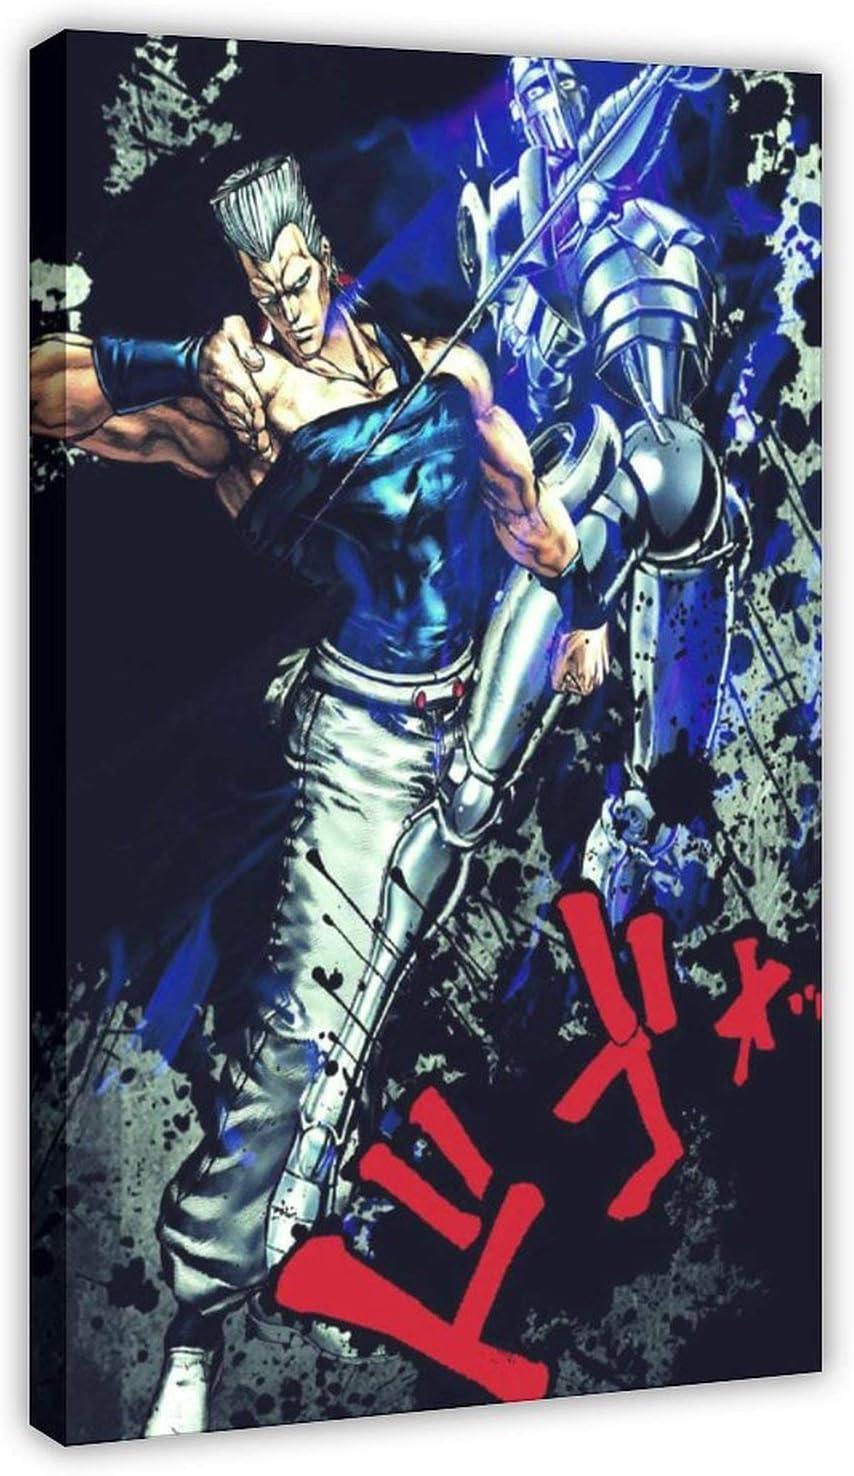 Mail order New Poster Anime Jojo S Adventure Cash special price Bizarre Jane Pier Polun